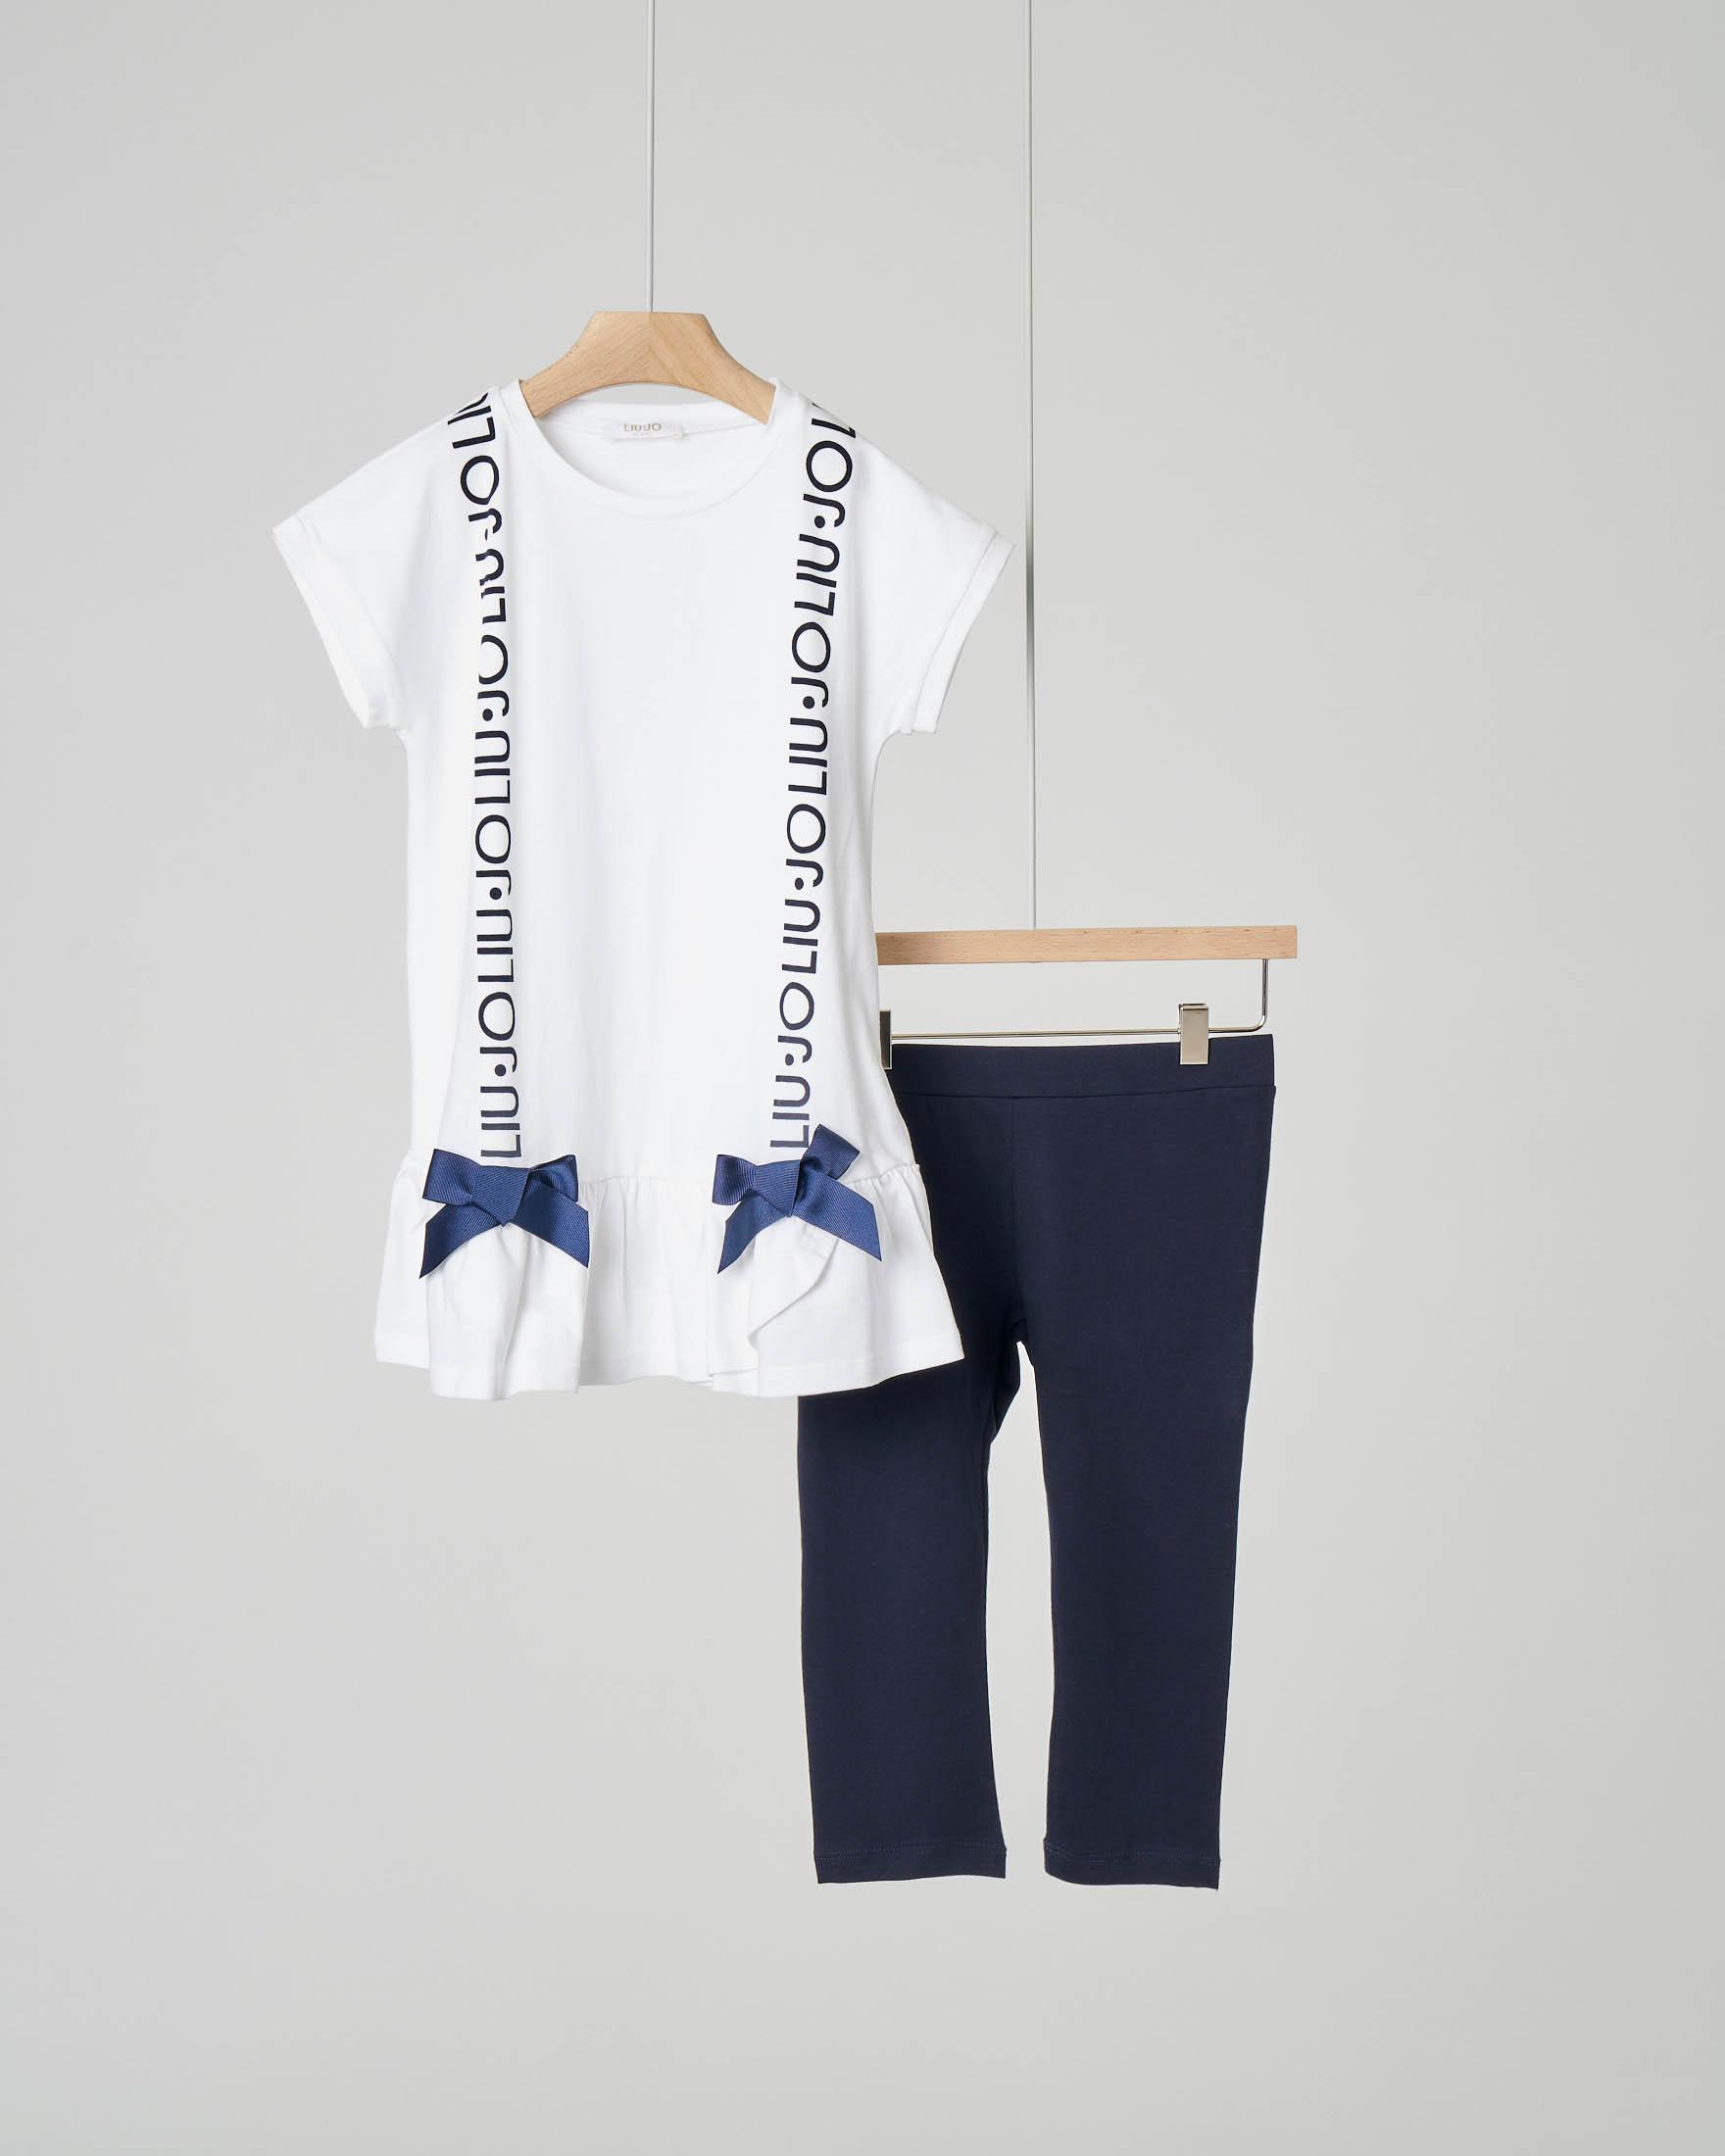 Completo con con leggins blu e t-shirt bianca con balza e scritta logo